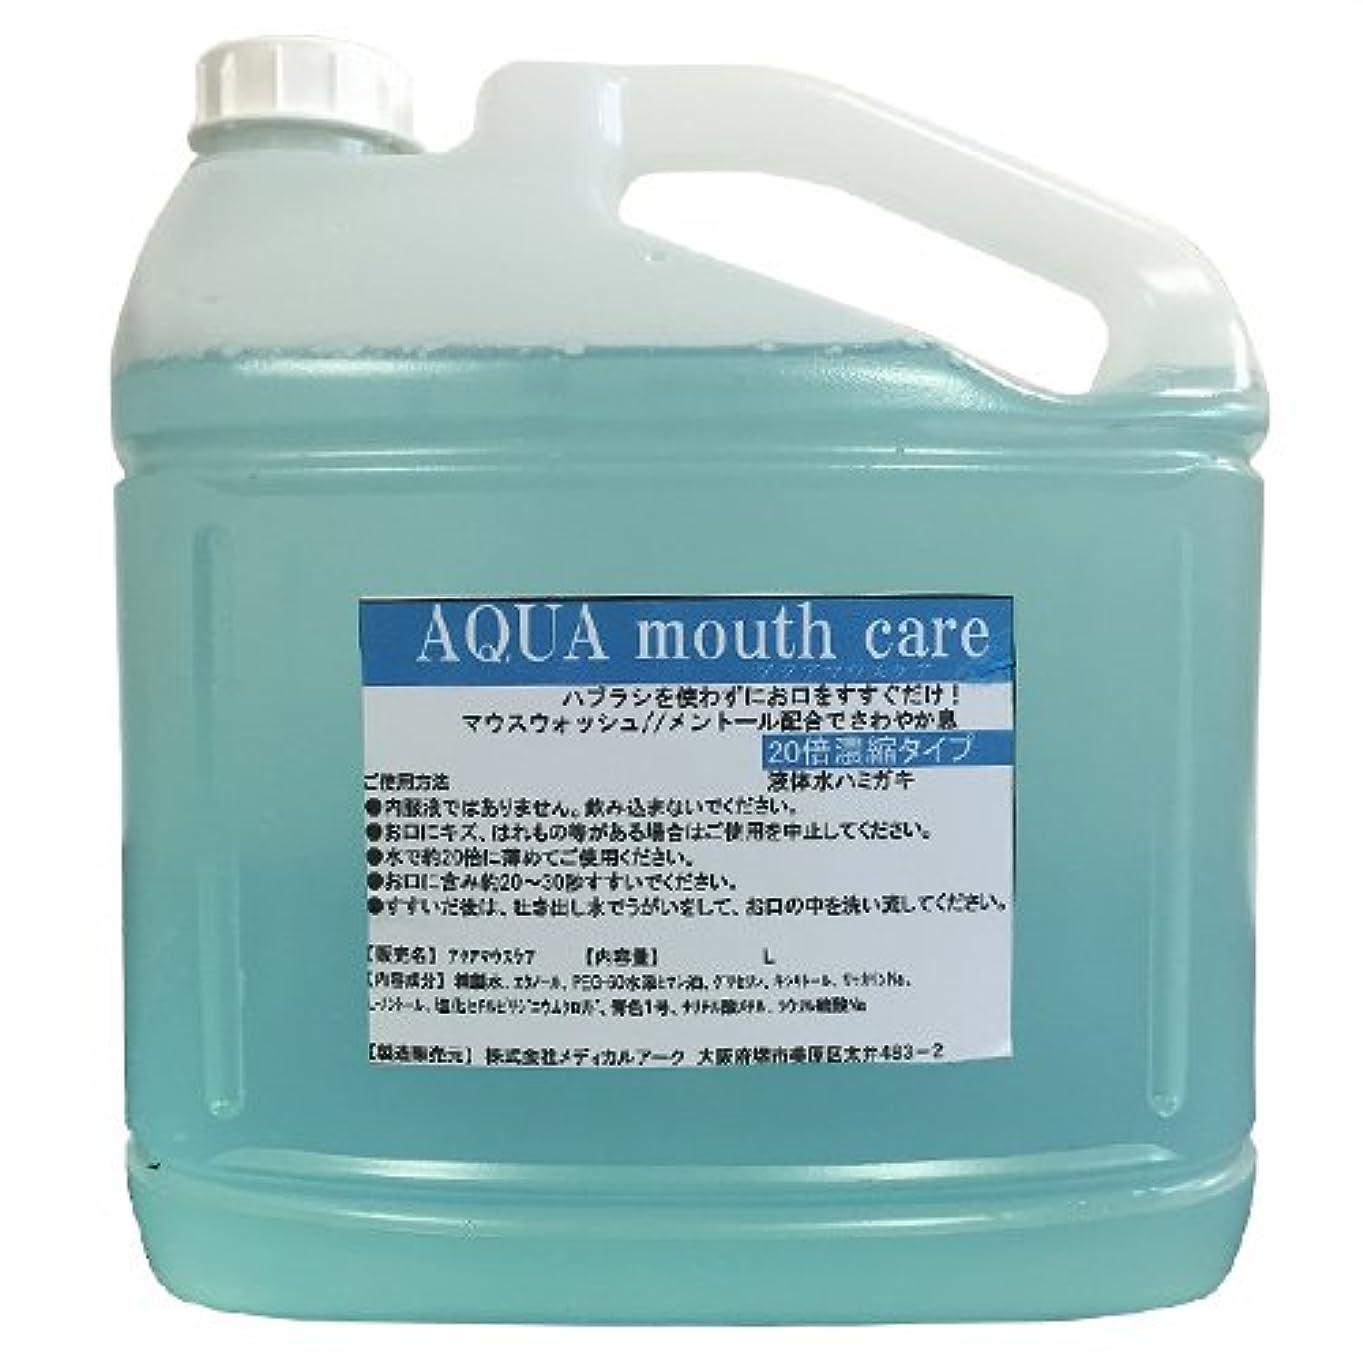 観光に行くマークされたダイアクリティカル業務用洗口液 マウスウォッシュ アクアマウスケア (AQUA mouth care) 20倍濃縮タイプ 5L (詰め替えコック付き)